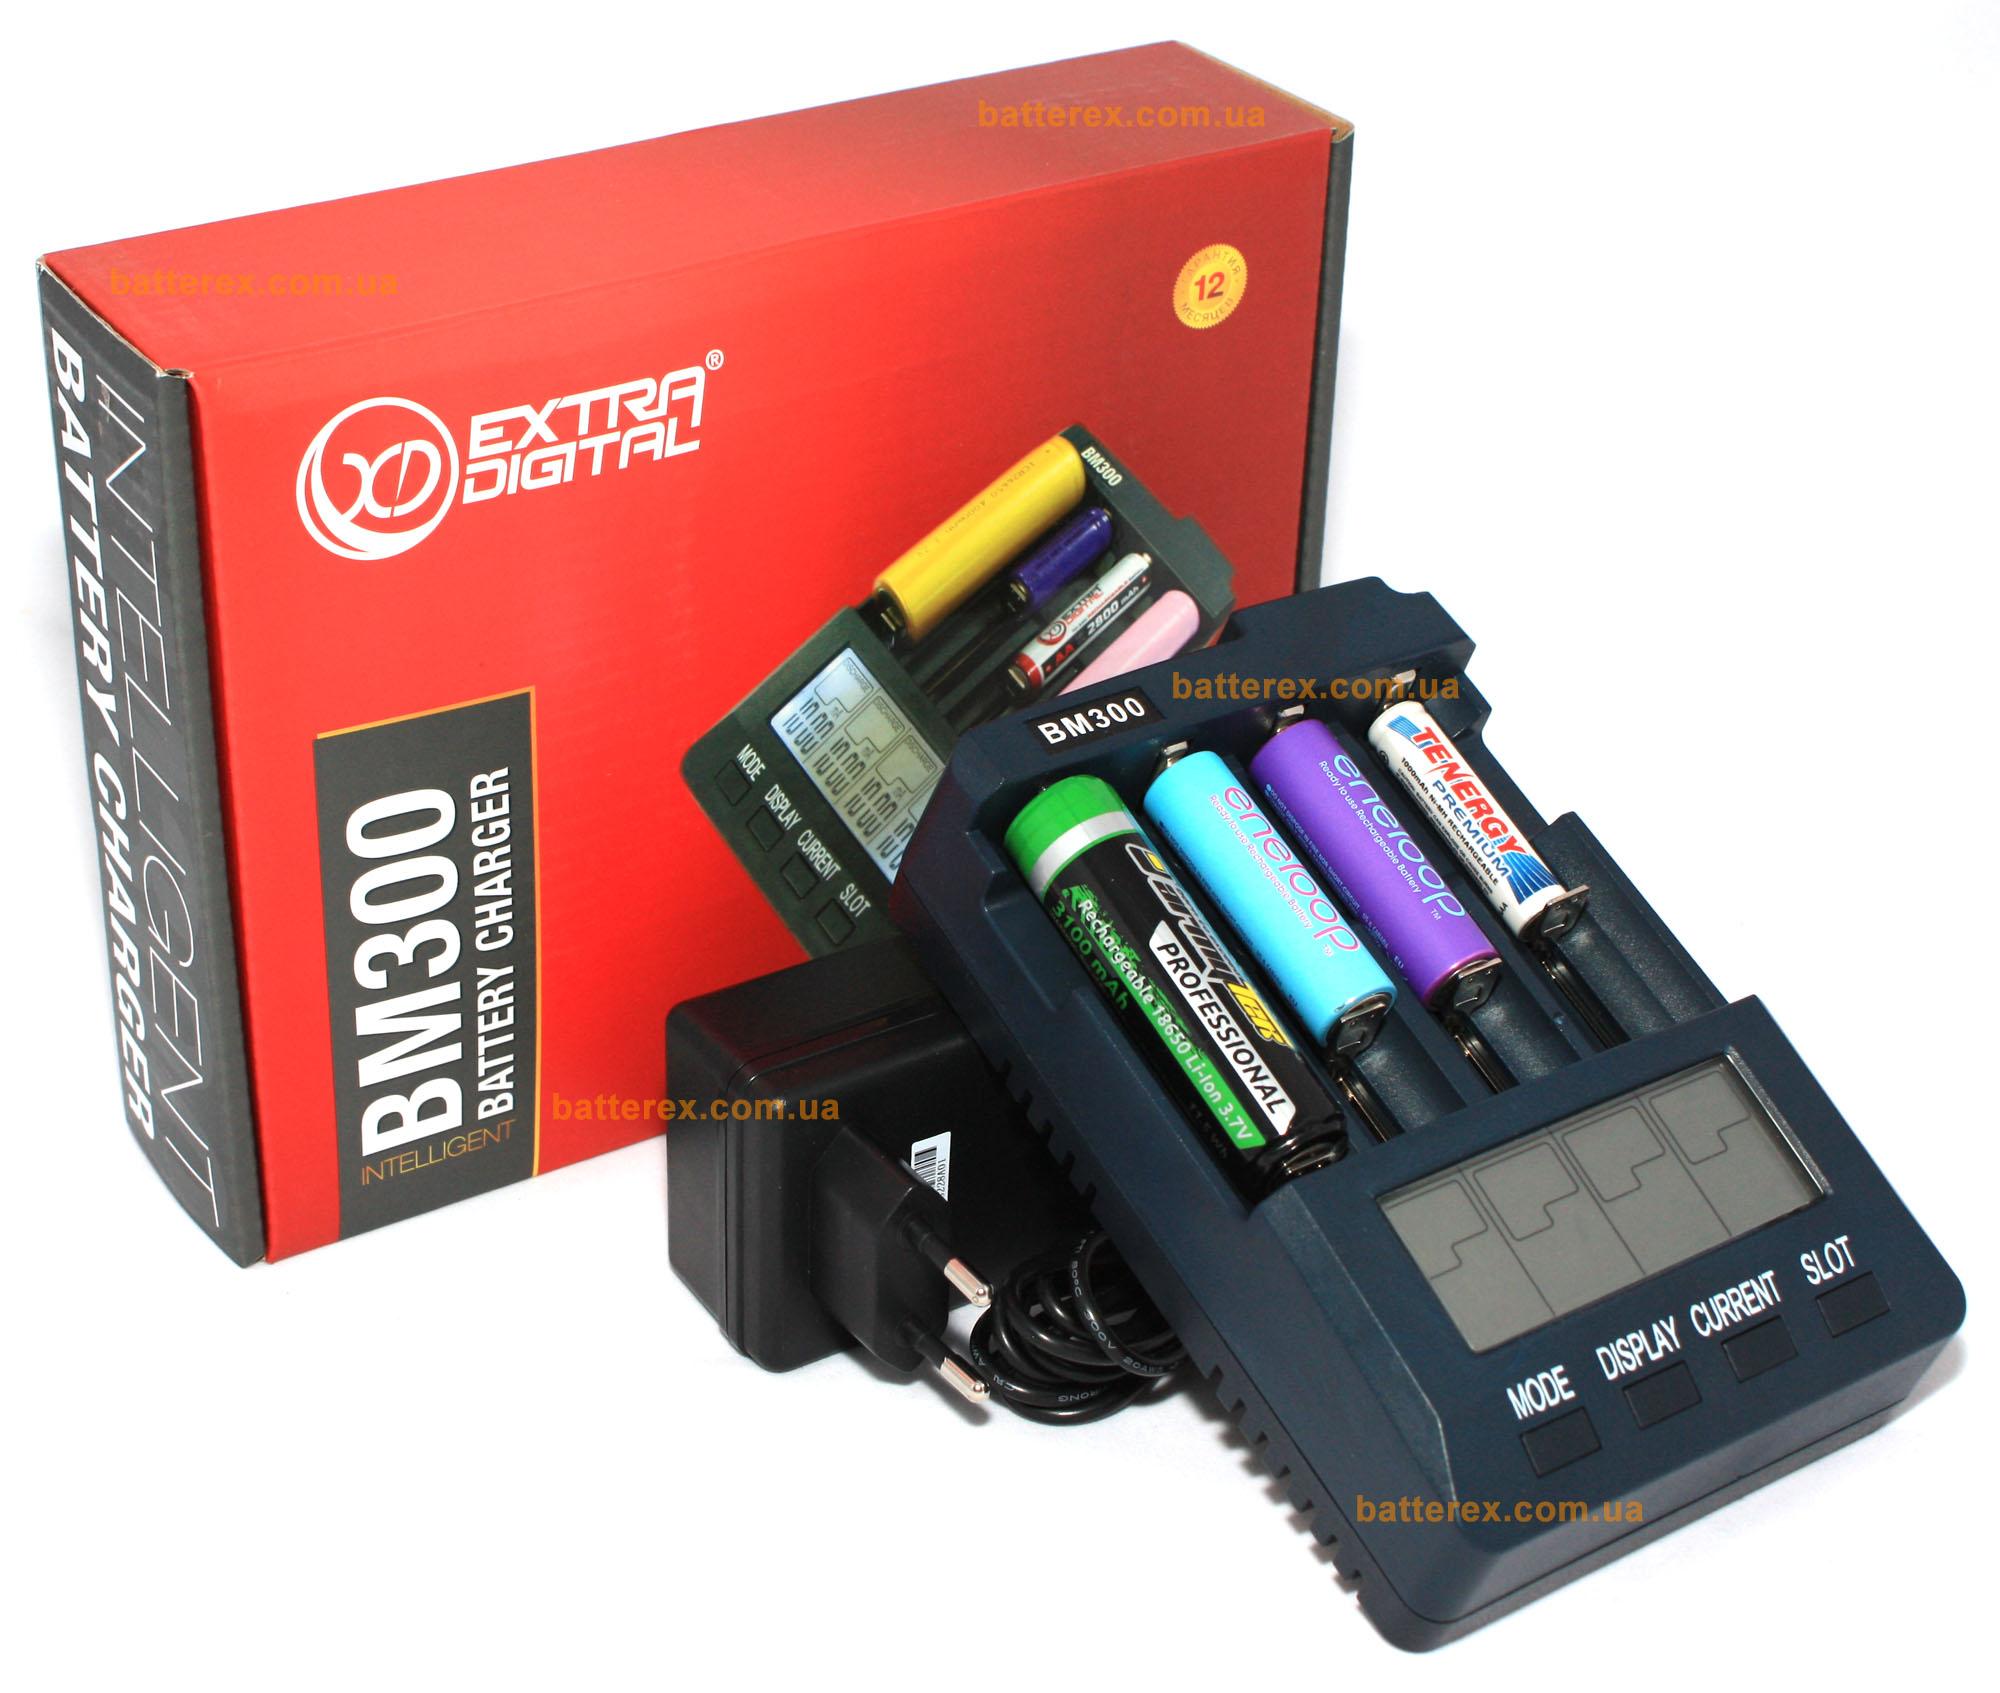 схема мини зарядного устройства для ni mh аккумуляторов